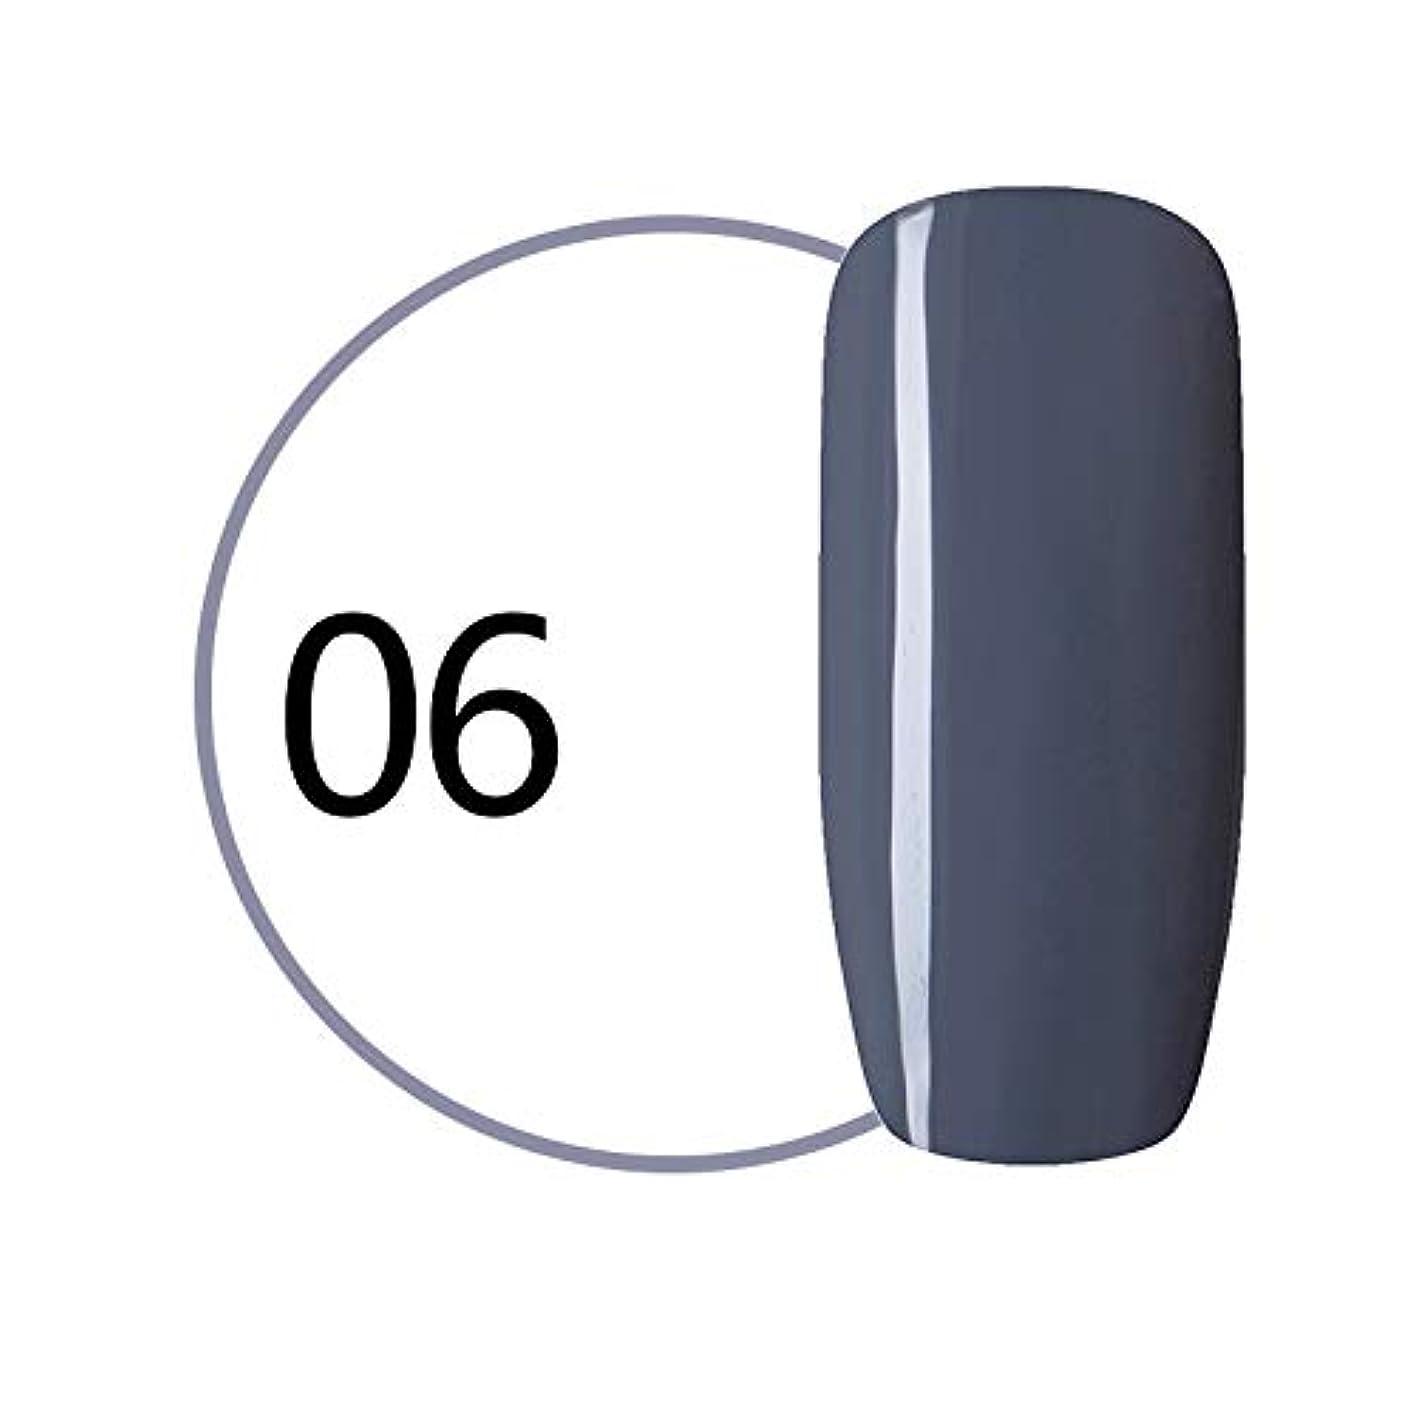 近傍ハッピーキャンベラSymboat マニキュア ソークオフ UV LED ネイルジェルポリッシュ ワイングレーシリーズ ネイル用品 女優 人気 初心者にも対応 安全 無毒